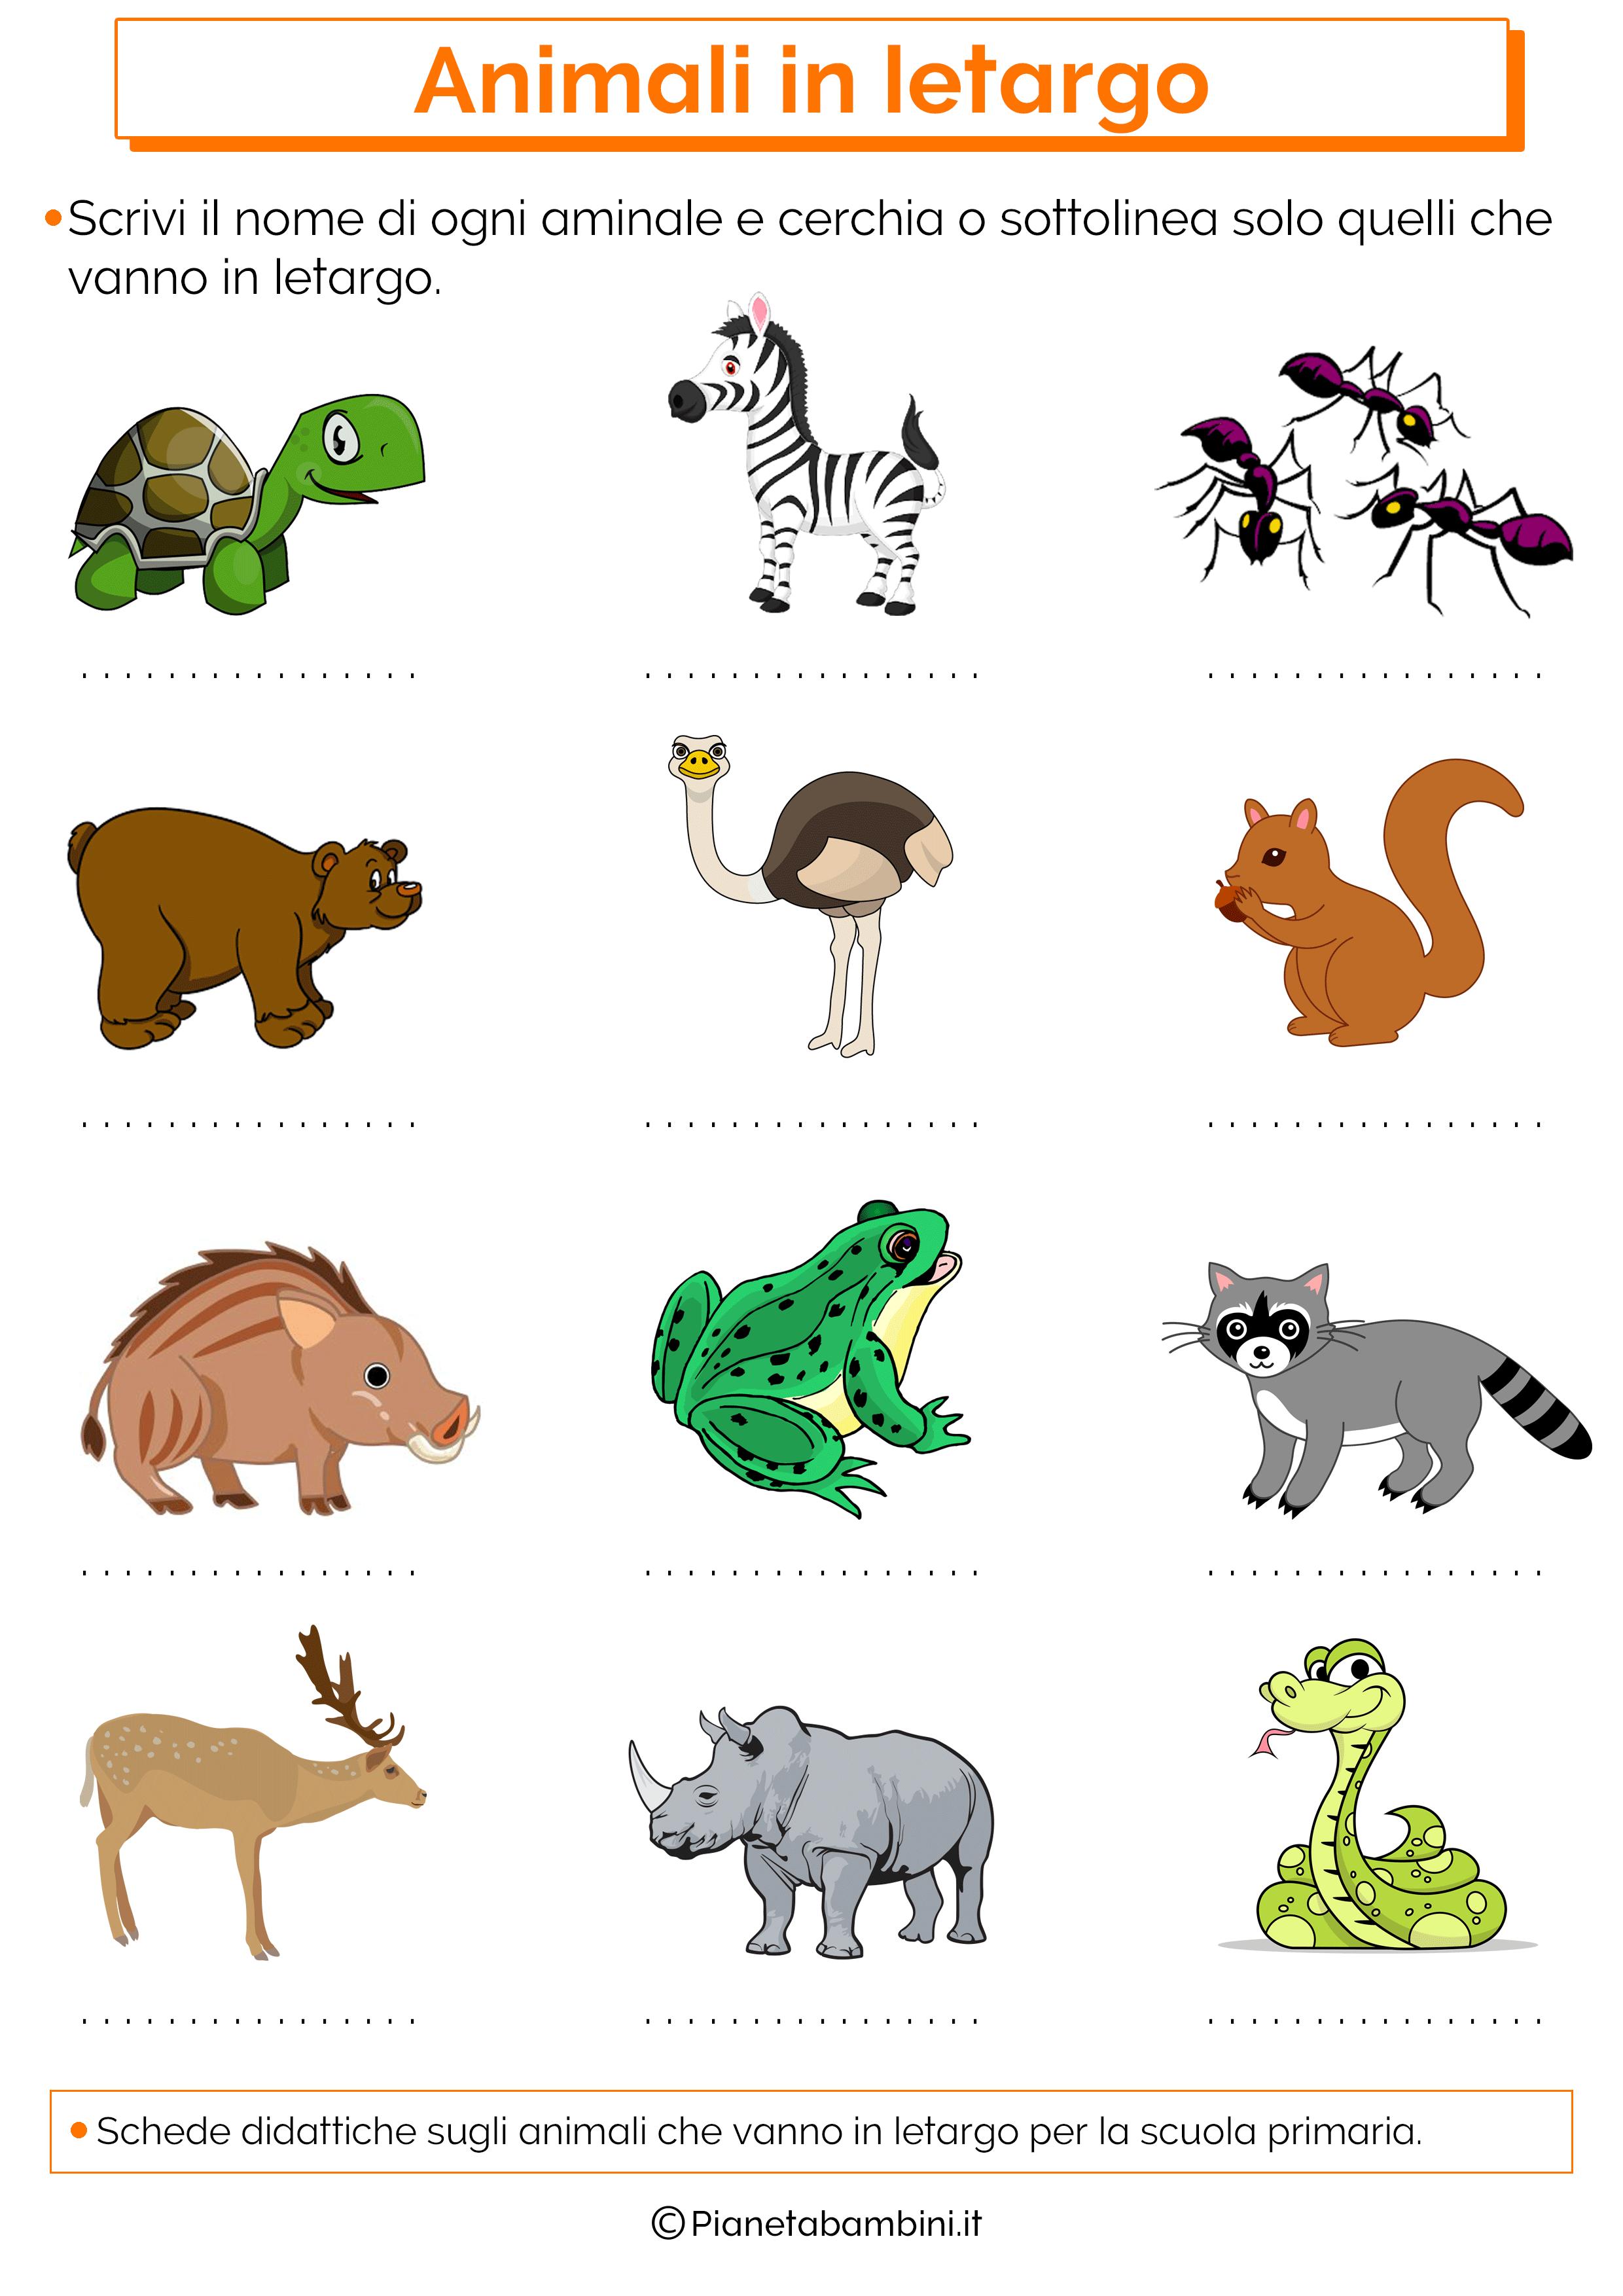 schede-didattiche-animali-letargo-1